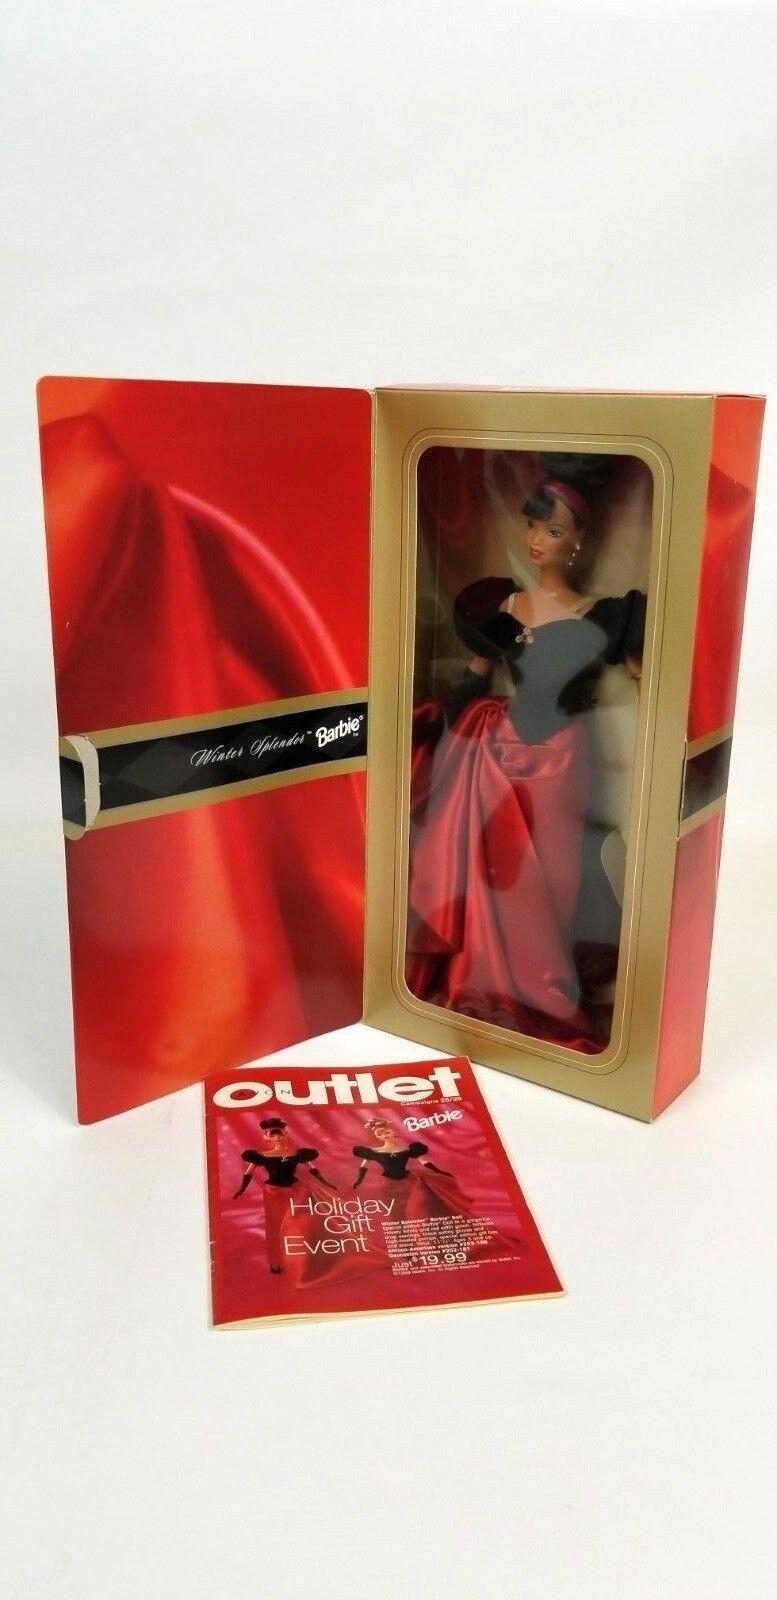 Barbie Avon catálogo exclusivo de invierno esplendor afroamericano Barbie nunca quitado de la caja